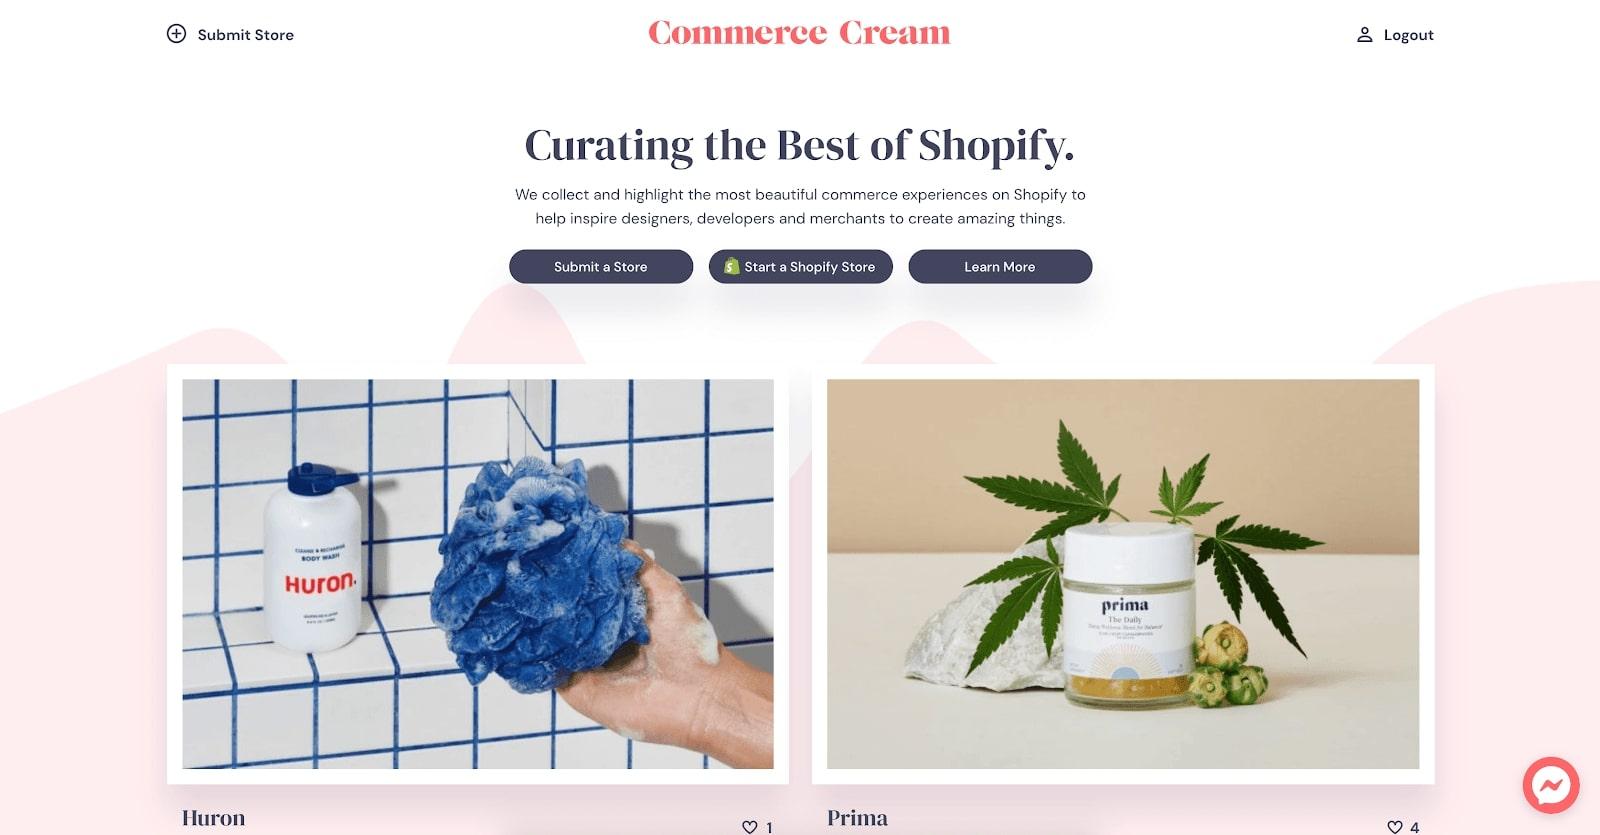 commerce cream shopify web designs